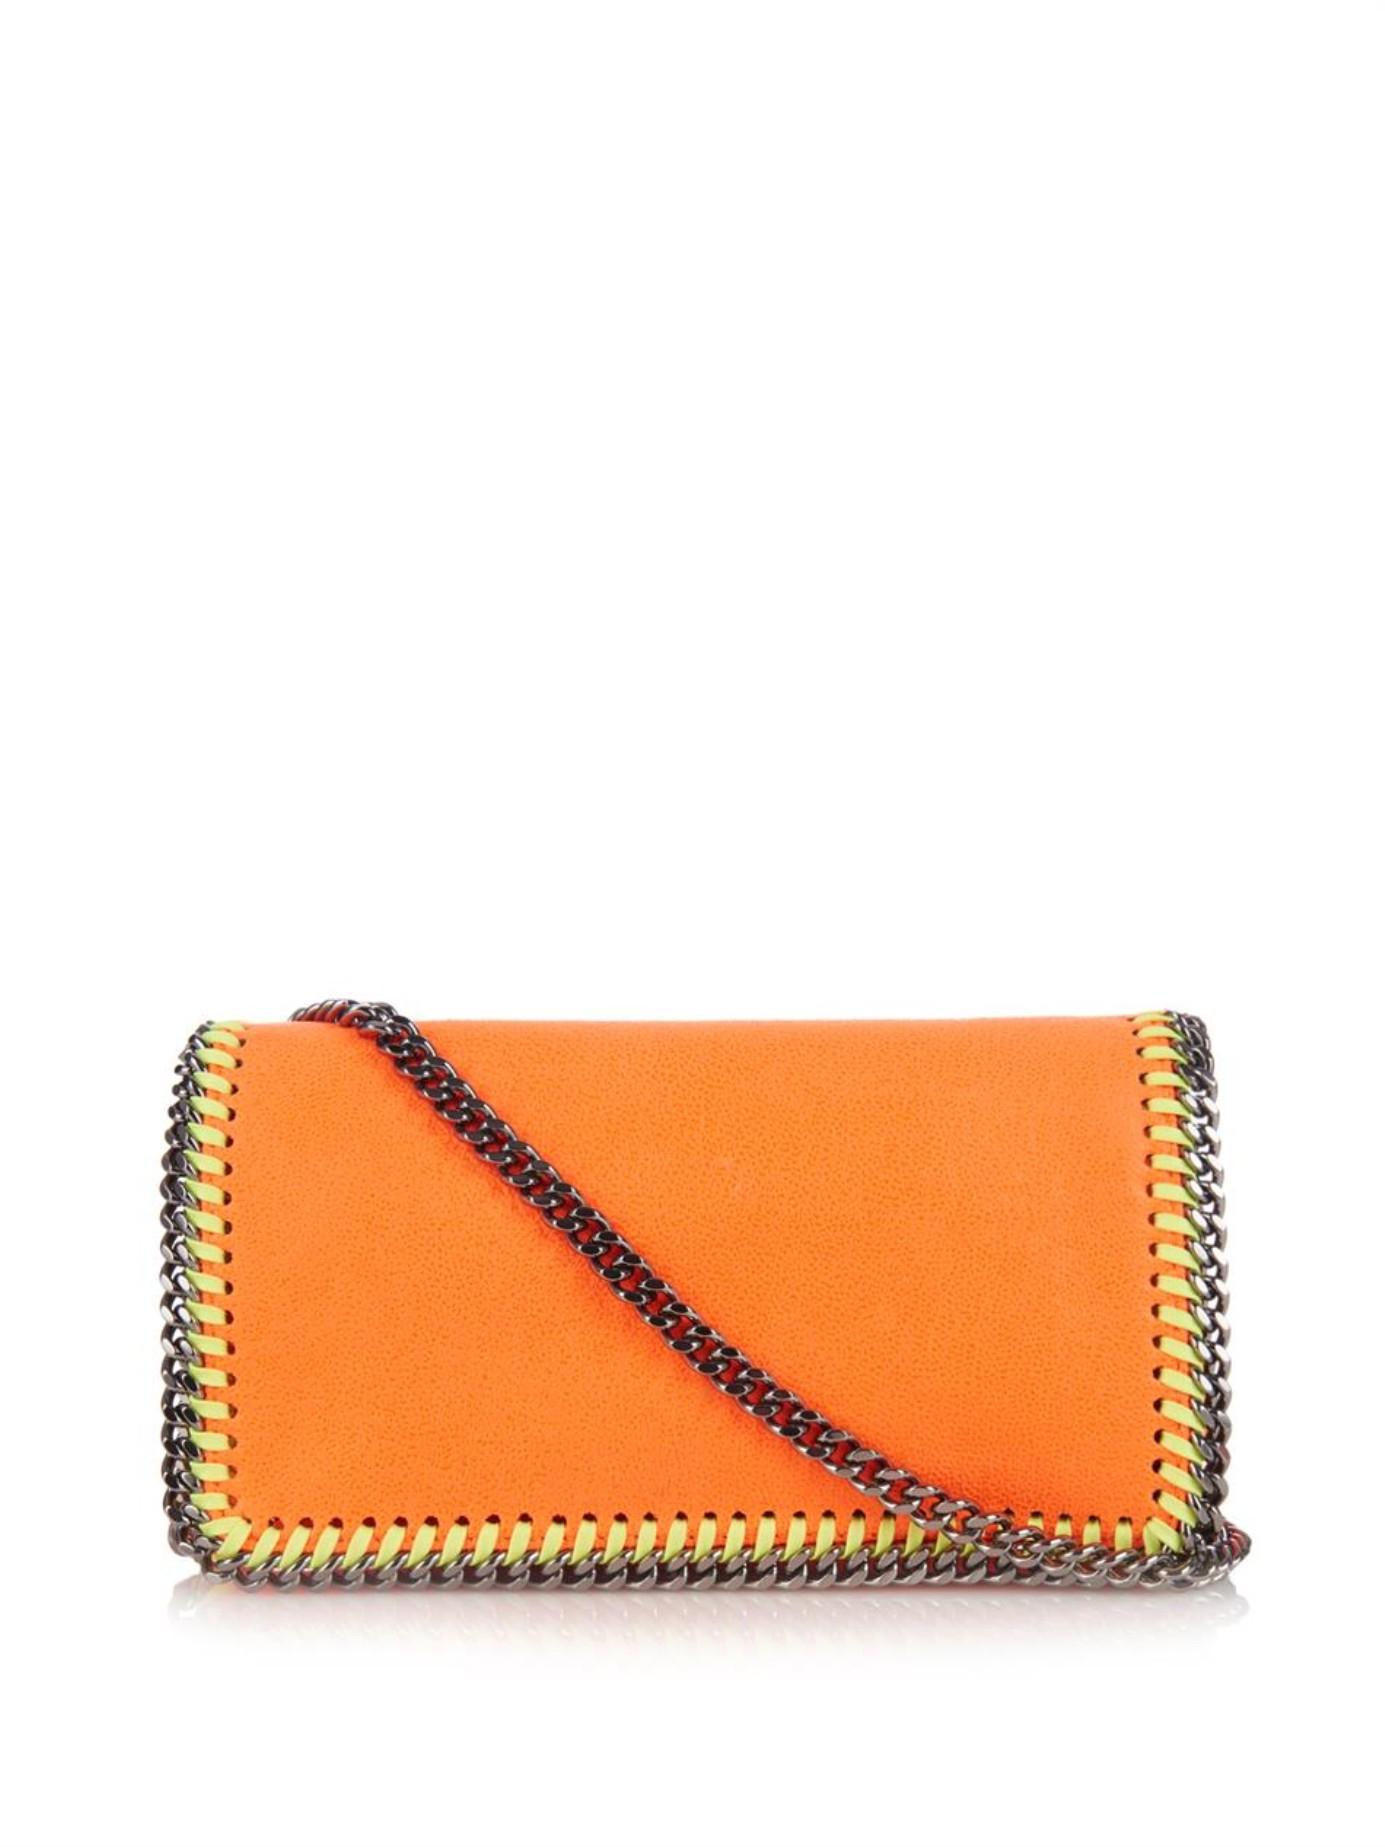 Lyst - Stella McCartney Falabella Shaggy Deer Cross-Body Bag in Orange 32633c666f905